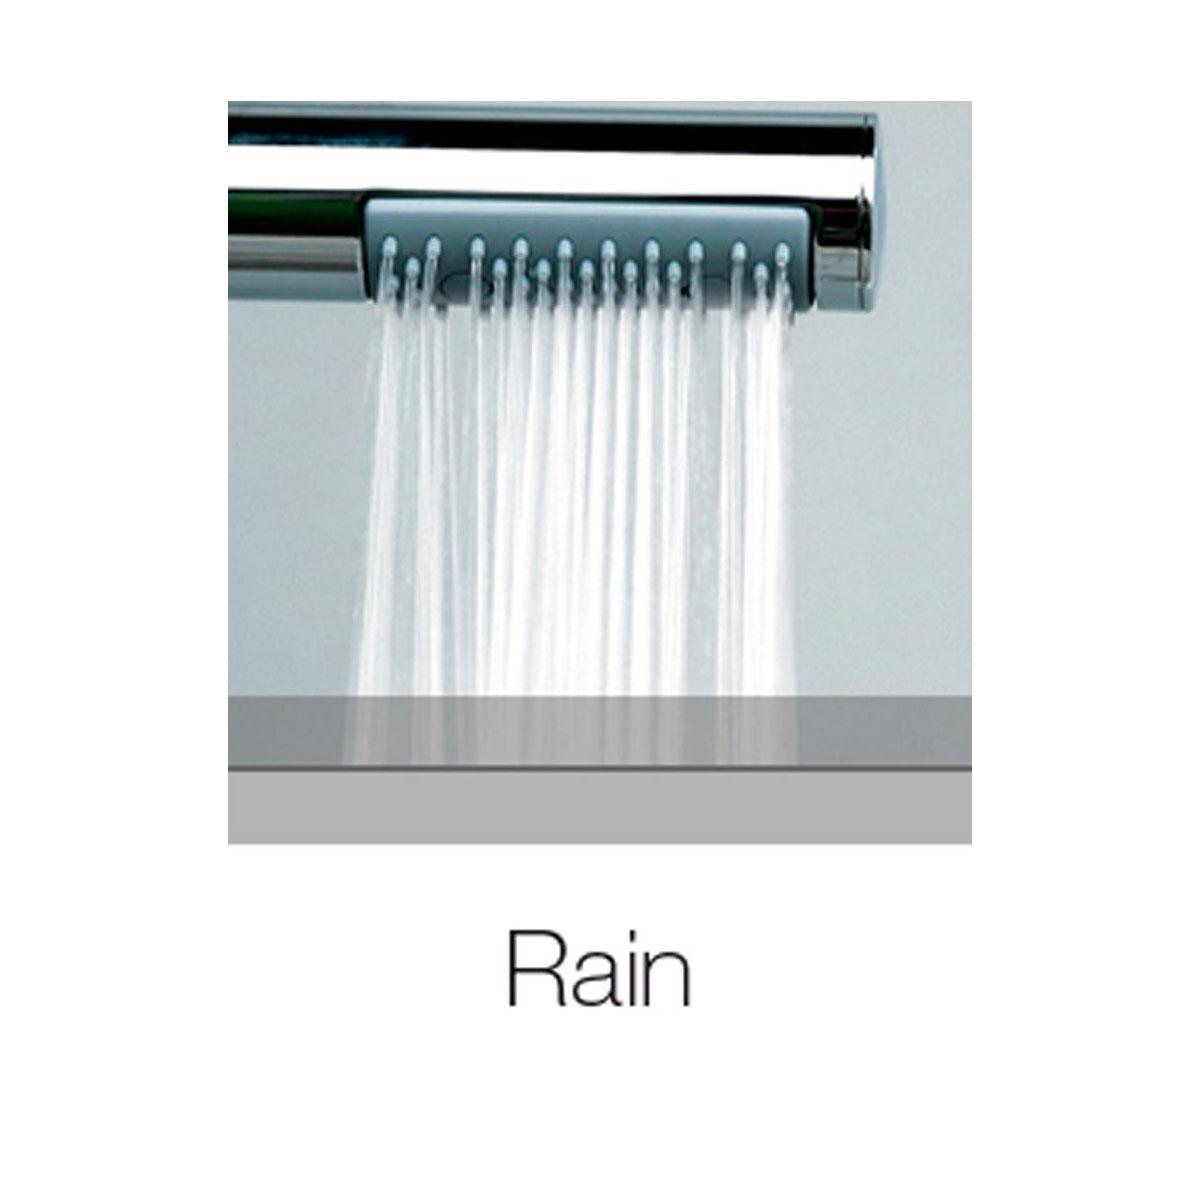 Composizione doccia con soffione tondo Ares diametro 250 mm e kit duplex Bossini